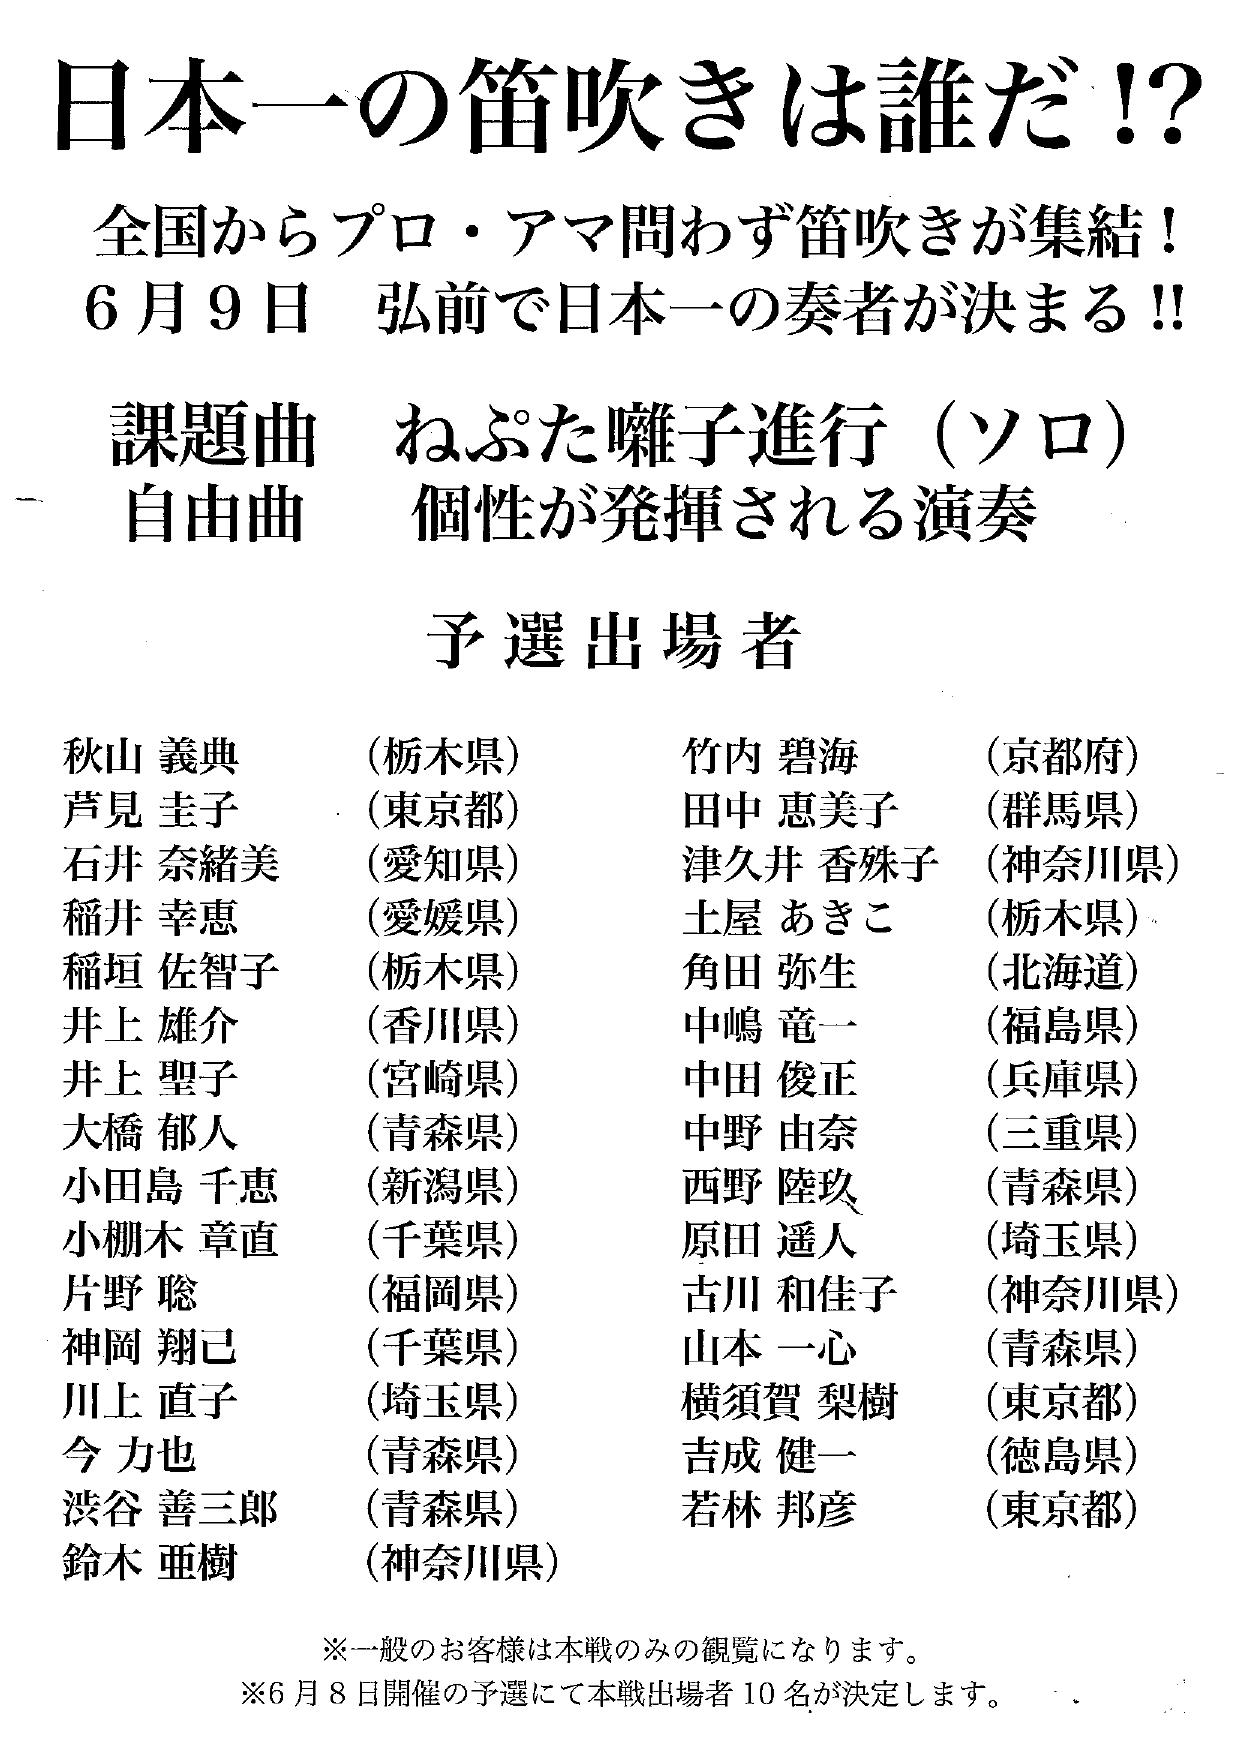 第四回 全日本横笛コンクール